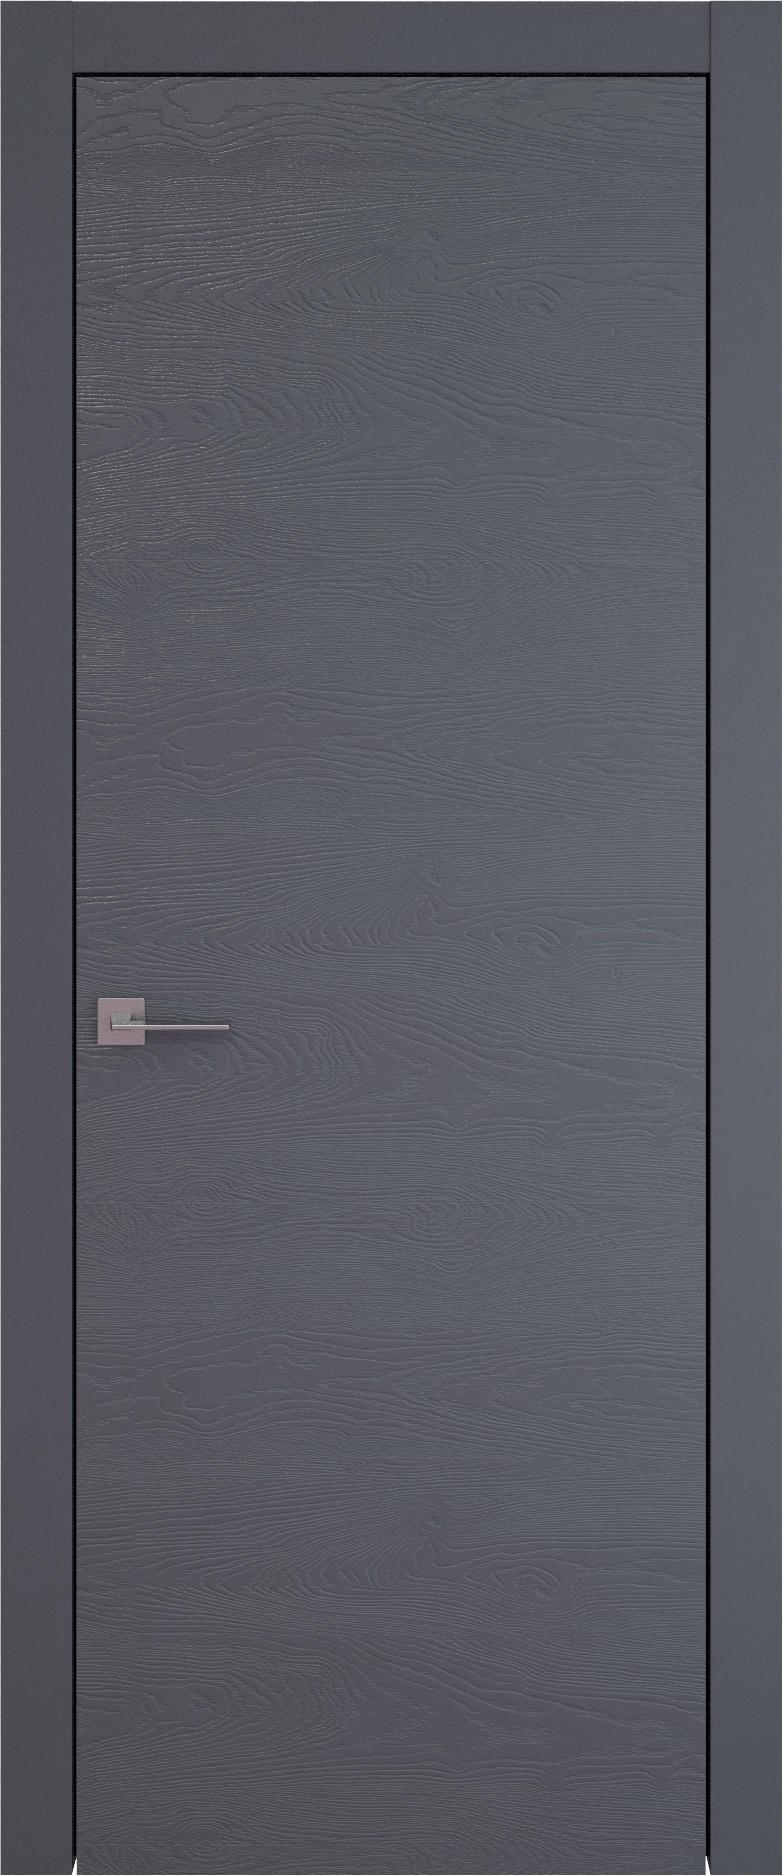 Tivoli А-5 цвет - Графитово-серая эмаль по шпону (RAL 7024) Без стекла (ДГ)